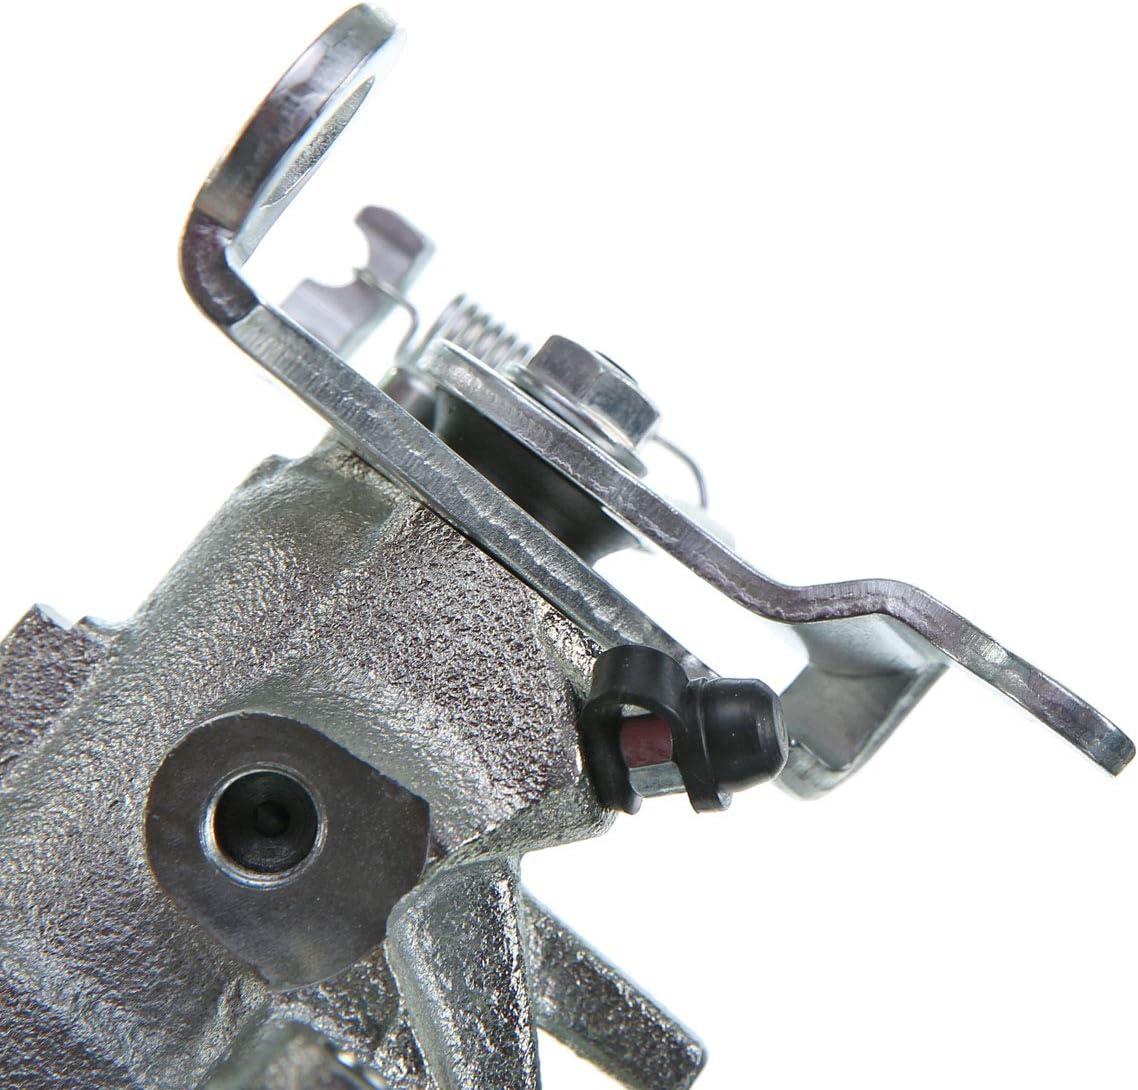 Pincette de frein arri/ère gauche pour Focus DAW DBW DFW DNW 1.4L I4 1.6L 1.8L 2.0L 1998-2004 1075554